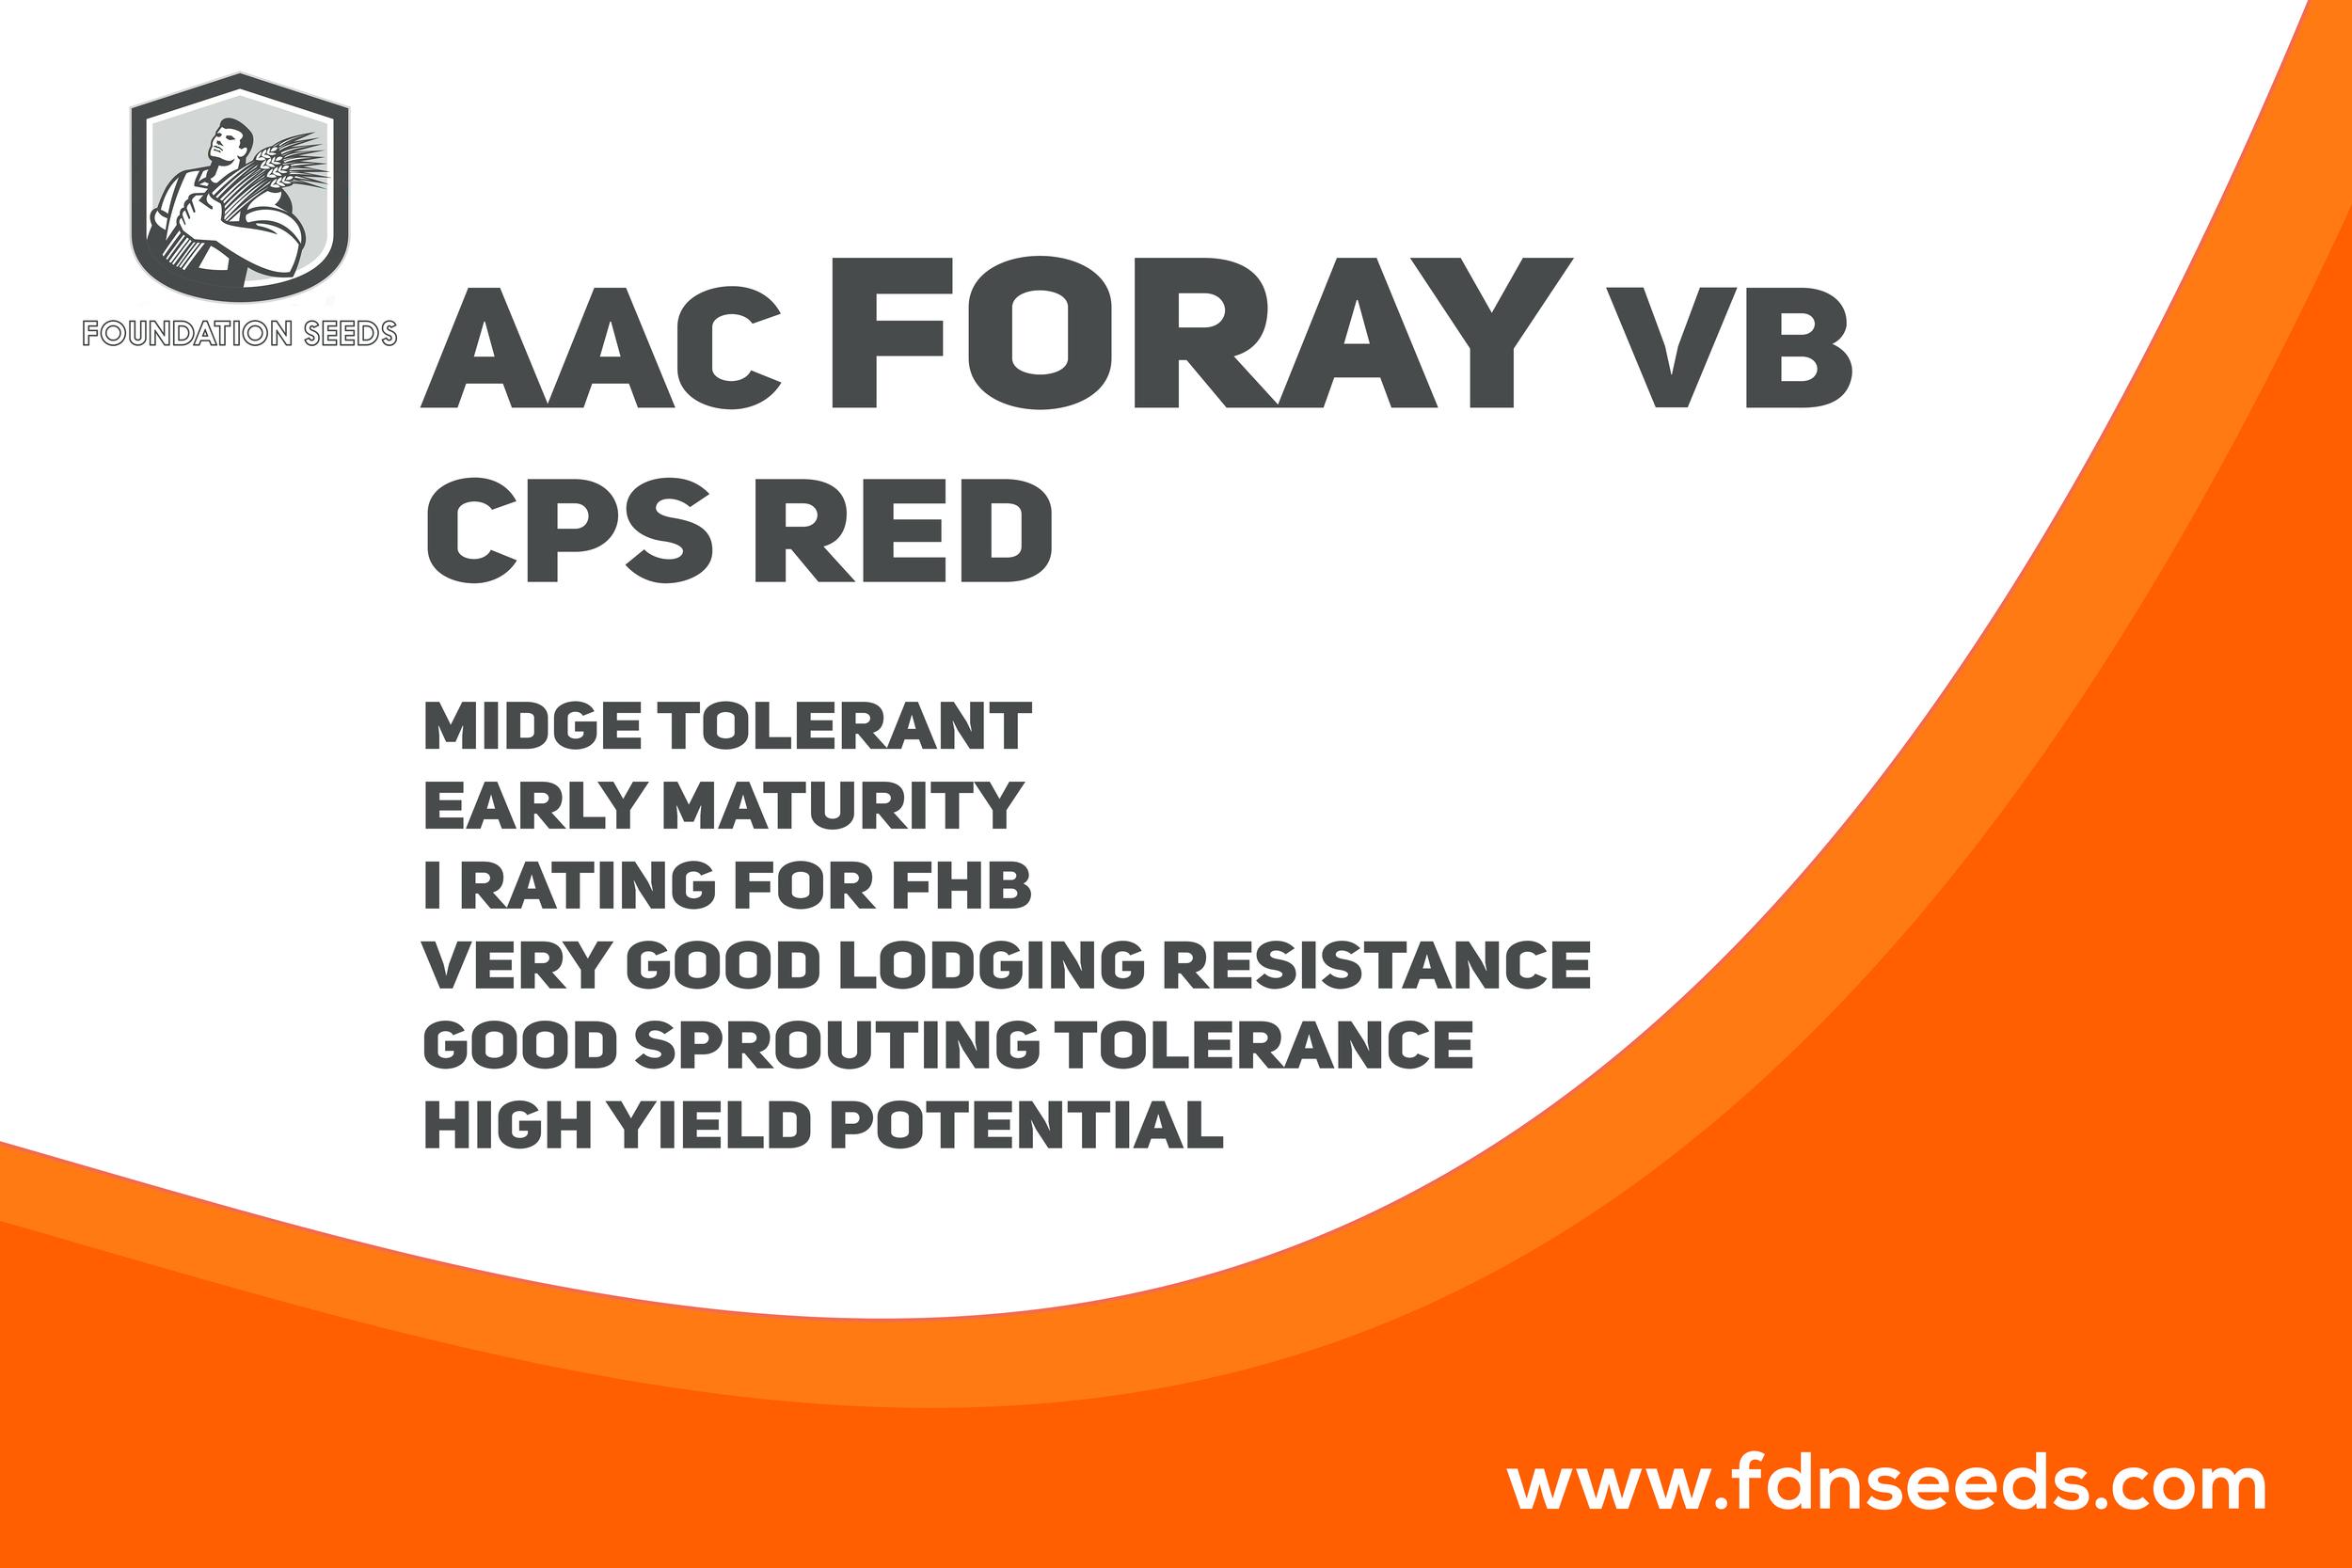 AAC Foray VB